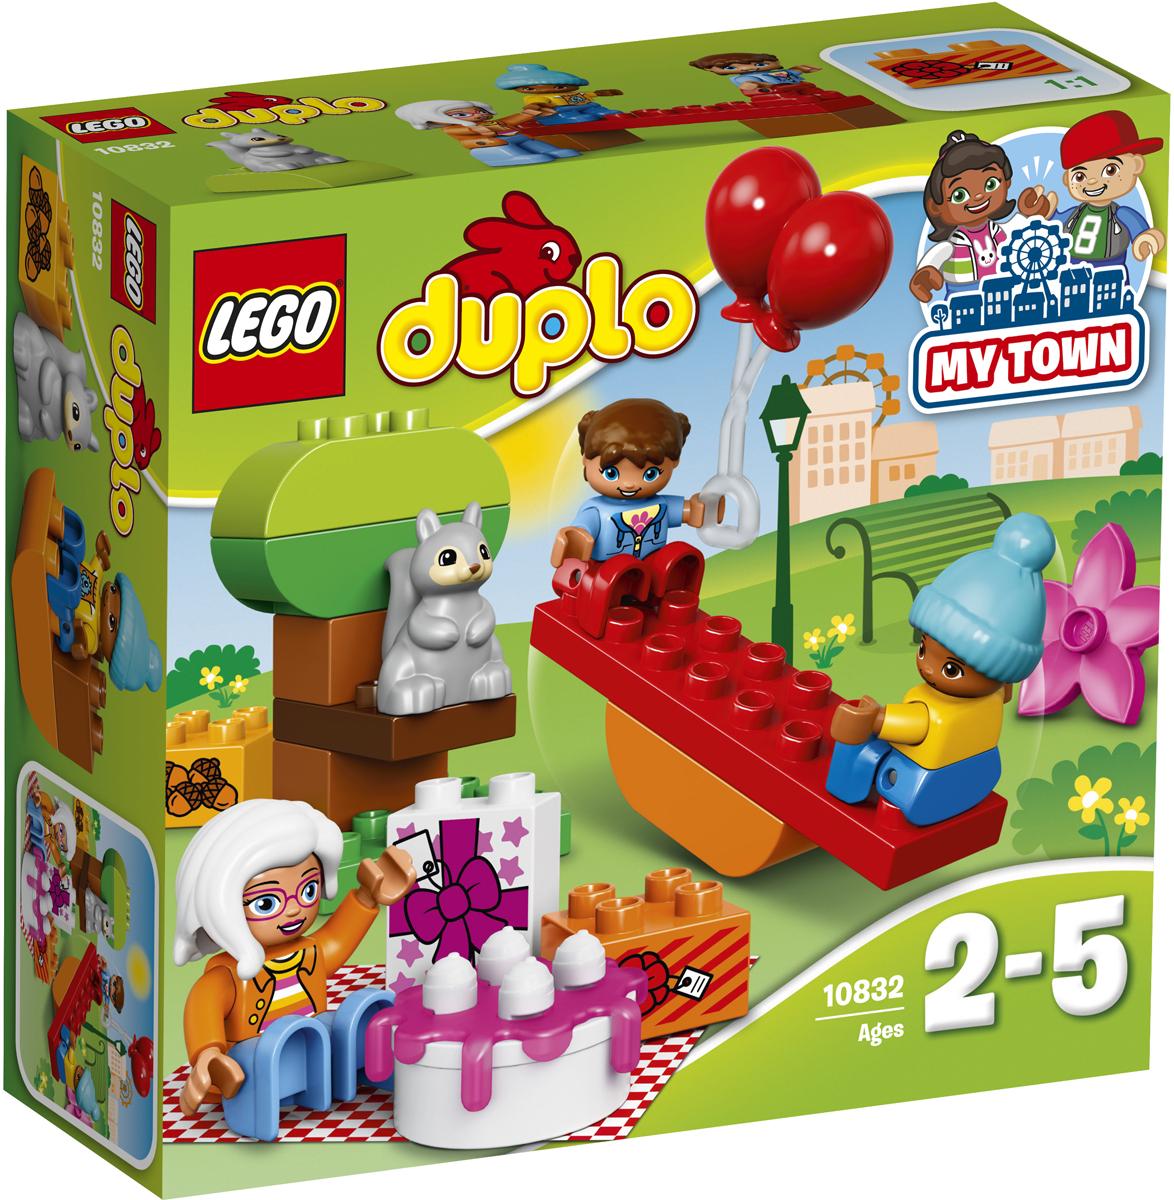 LEGO DUPLO Конструктор День рождения 10832 - Игрушки для малышей